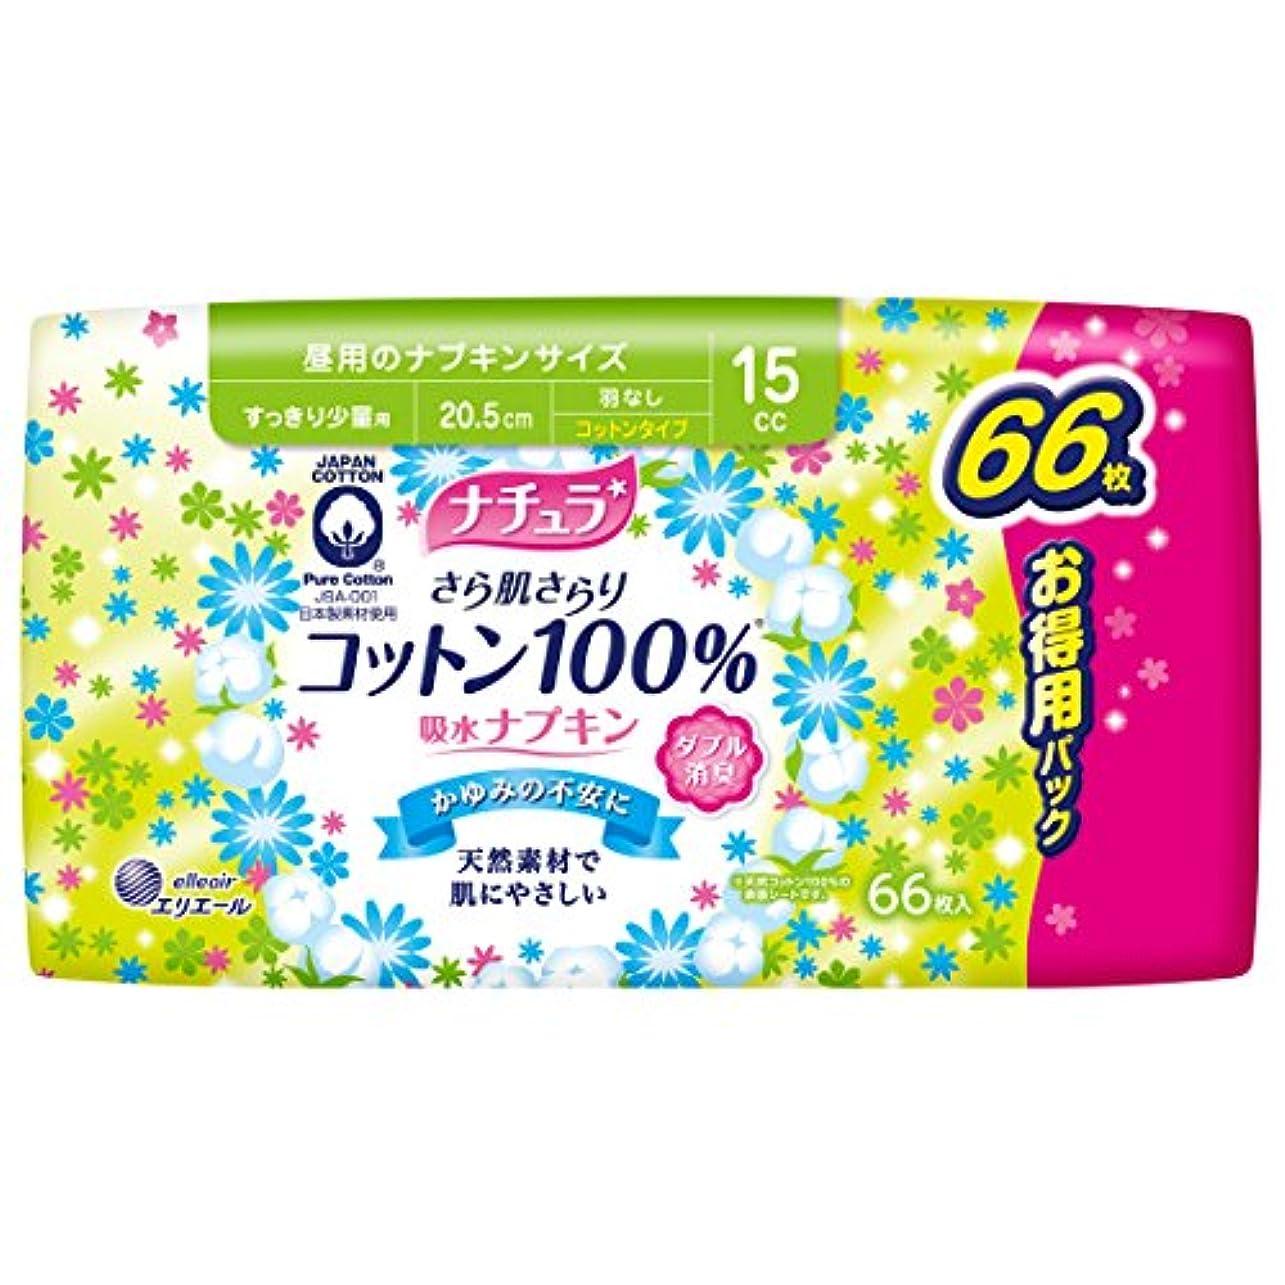 鹿タイトル正当なナチュラ さら肌さらりコットン100% 吸水ナプキン すっきり少量用 66枚 【まとめ買い】